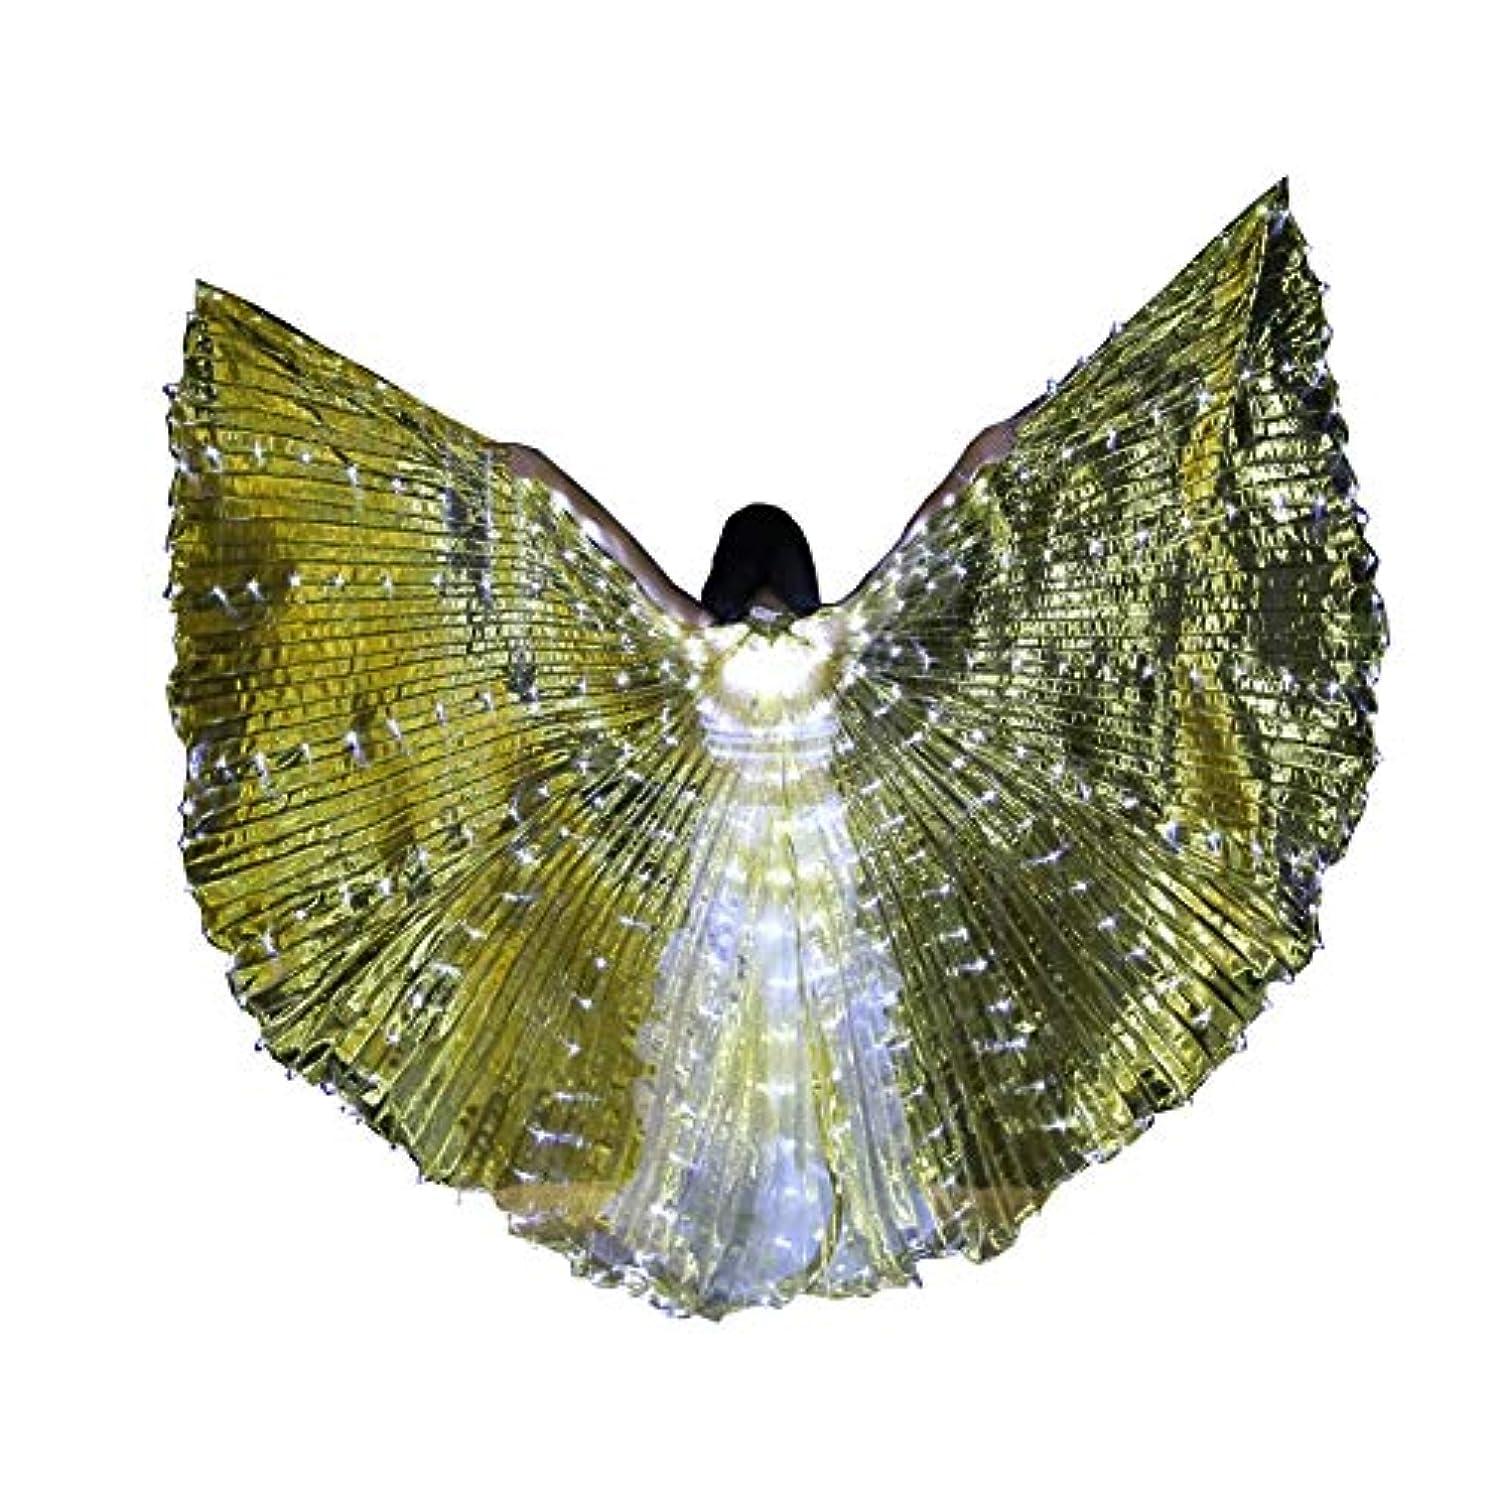 ずらす残り牧草地スティック/ロッドとLEDイシスウイングアダルト玉虫色ベリーダンスパフォーマンスパーティーABellyダンスLEDイシスウイング (Color : Transparent gold)